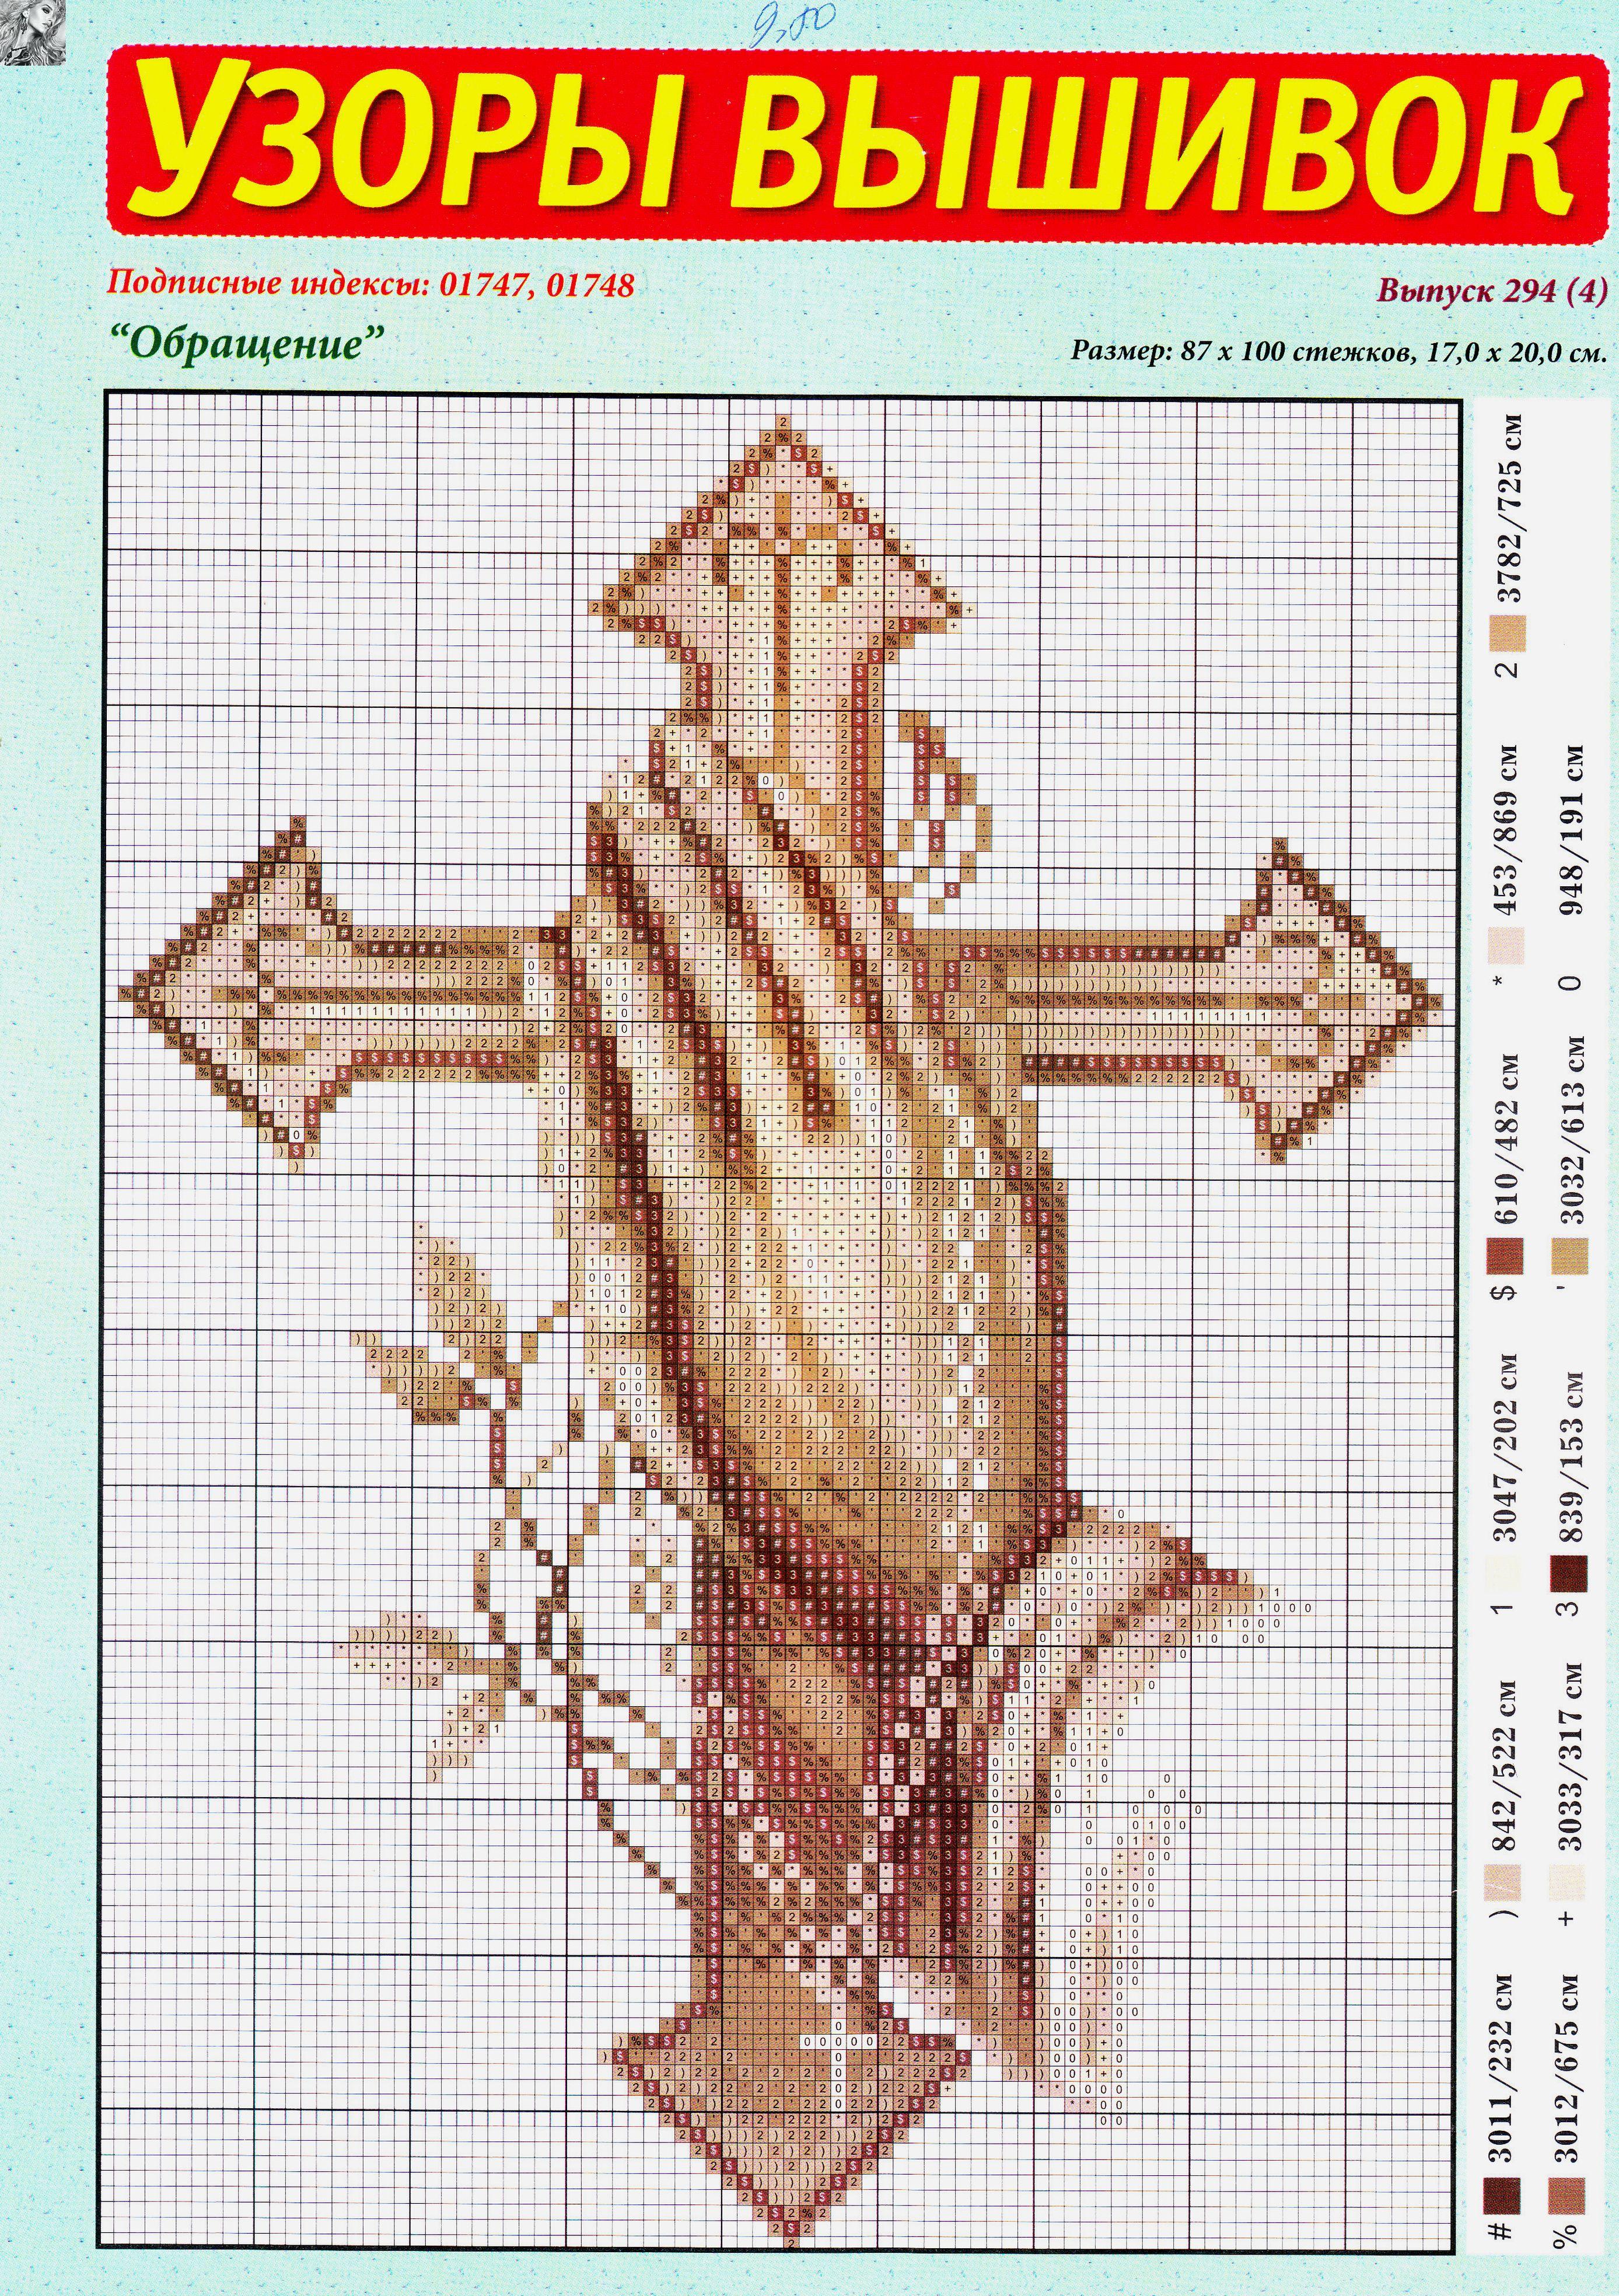 Вышивка крестом. Авторские схемы вышивки крестом